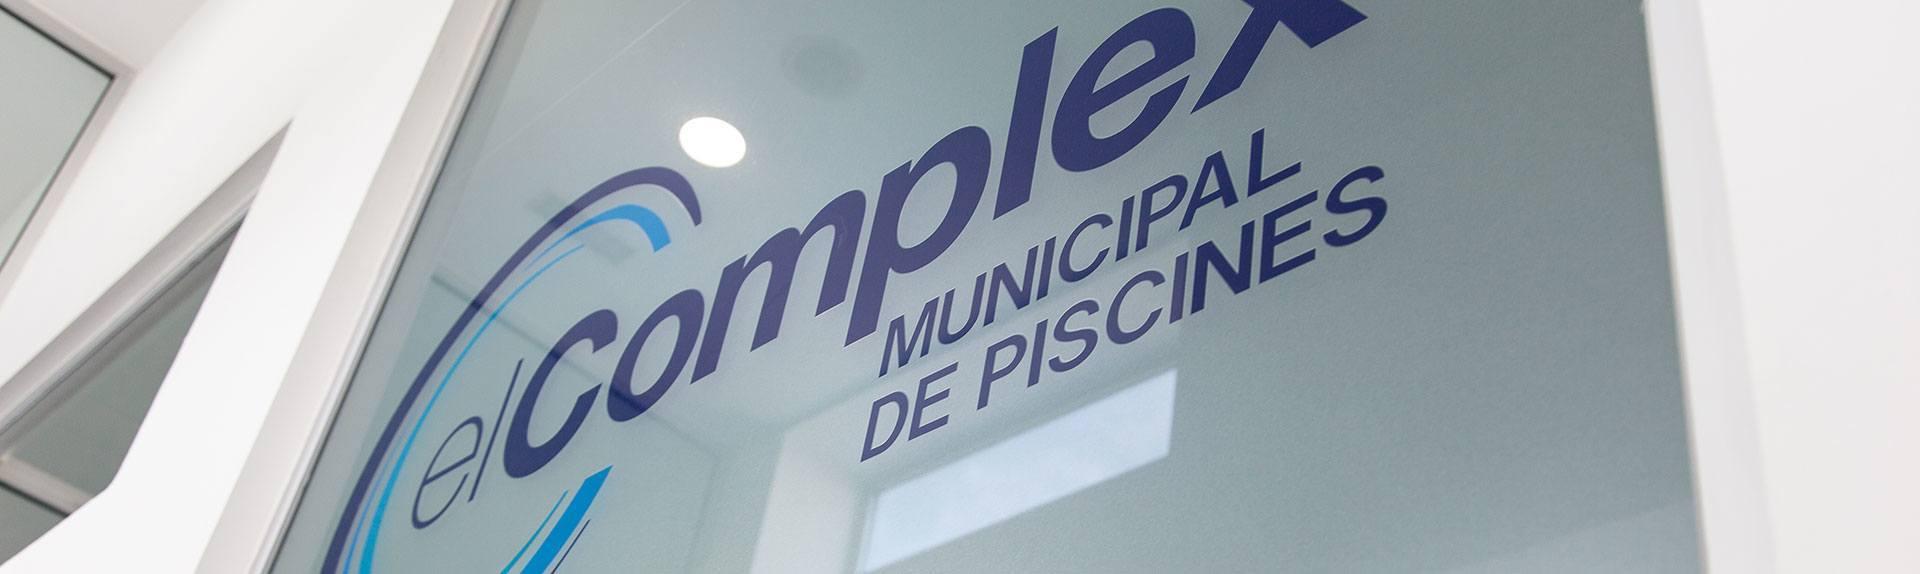 El Complex Municipal de Piscines